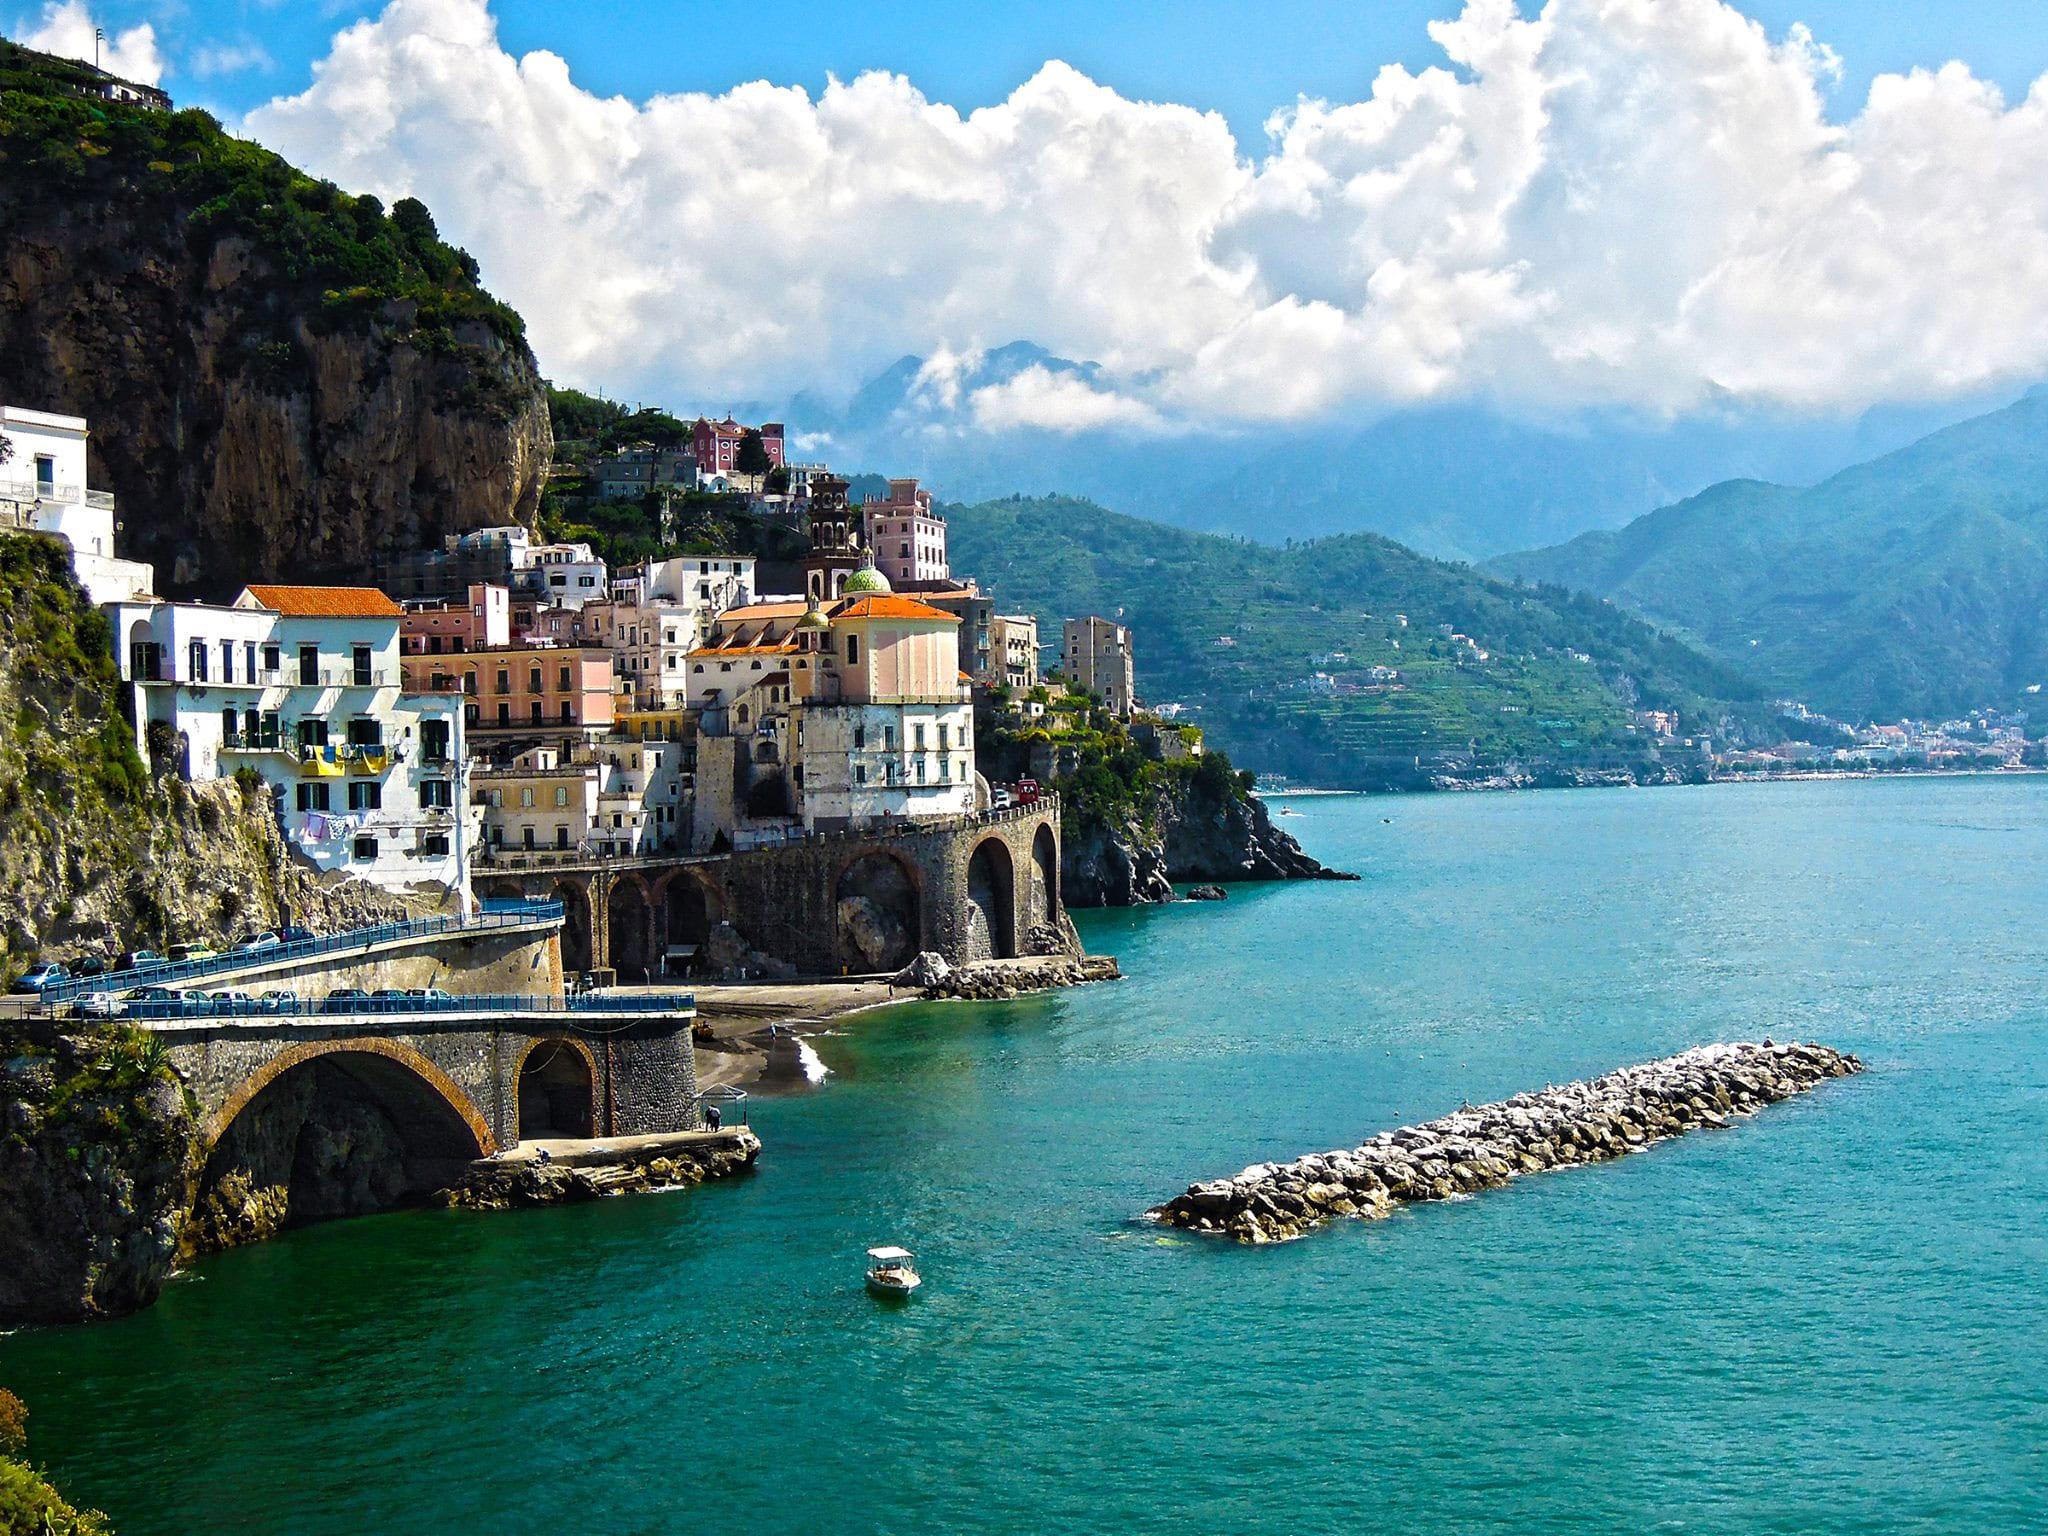 Matrimonio Spiaggia Costiera Amalfitana : Location per il matrimonio civile in campania